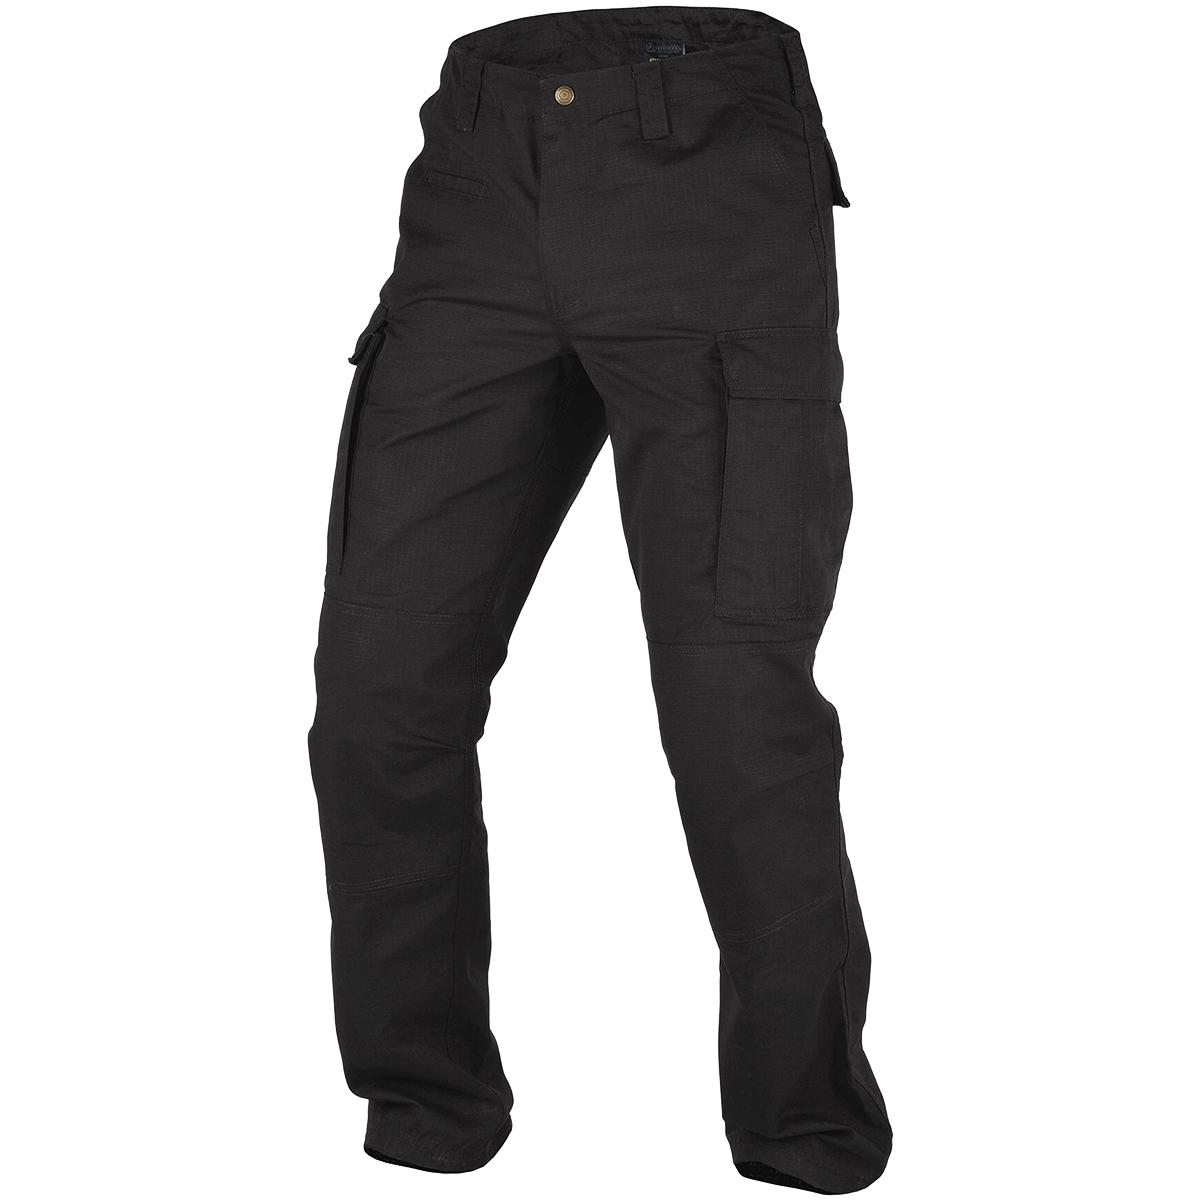 Pentagon-BDU-2-0-Pantalones-Cargo-Para-Hombres-Trabajo-Seguridad-Policia-Tactica